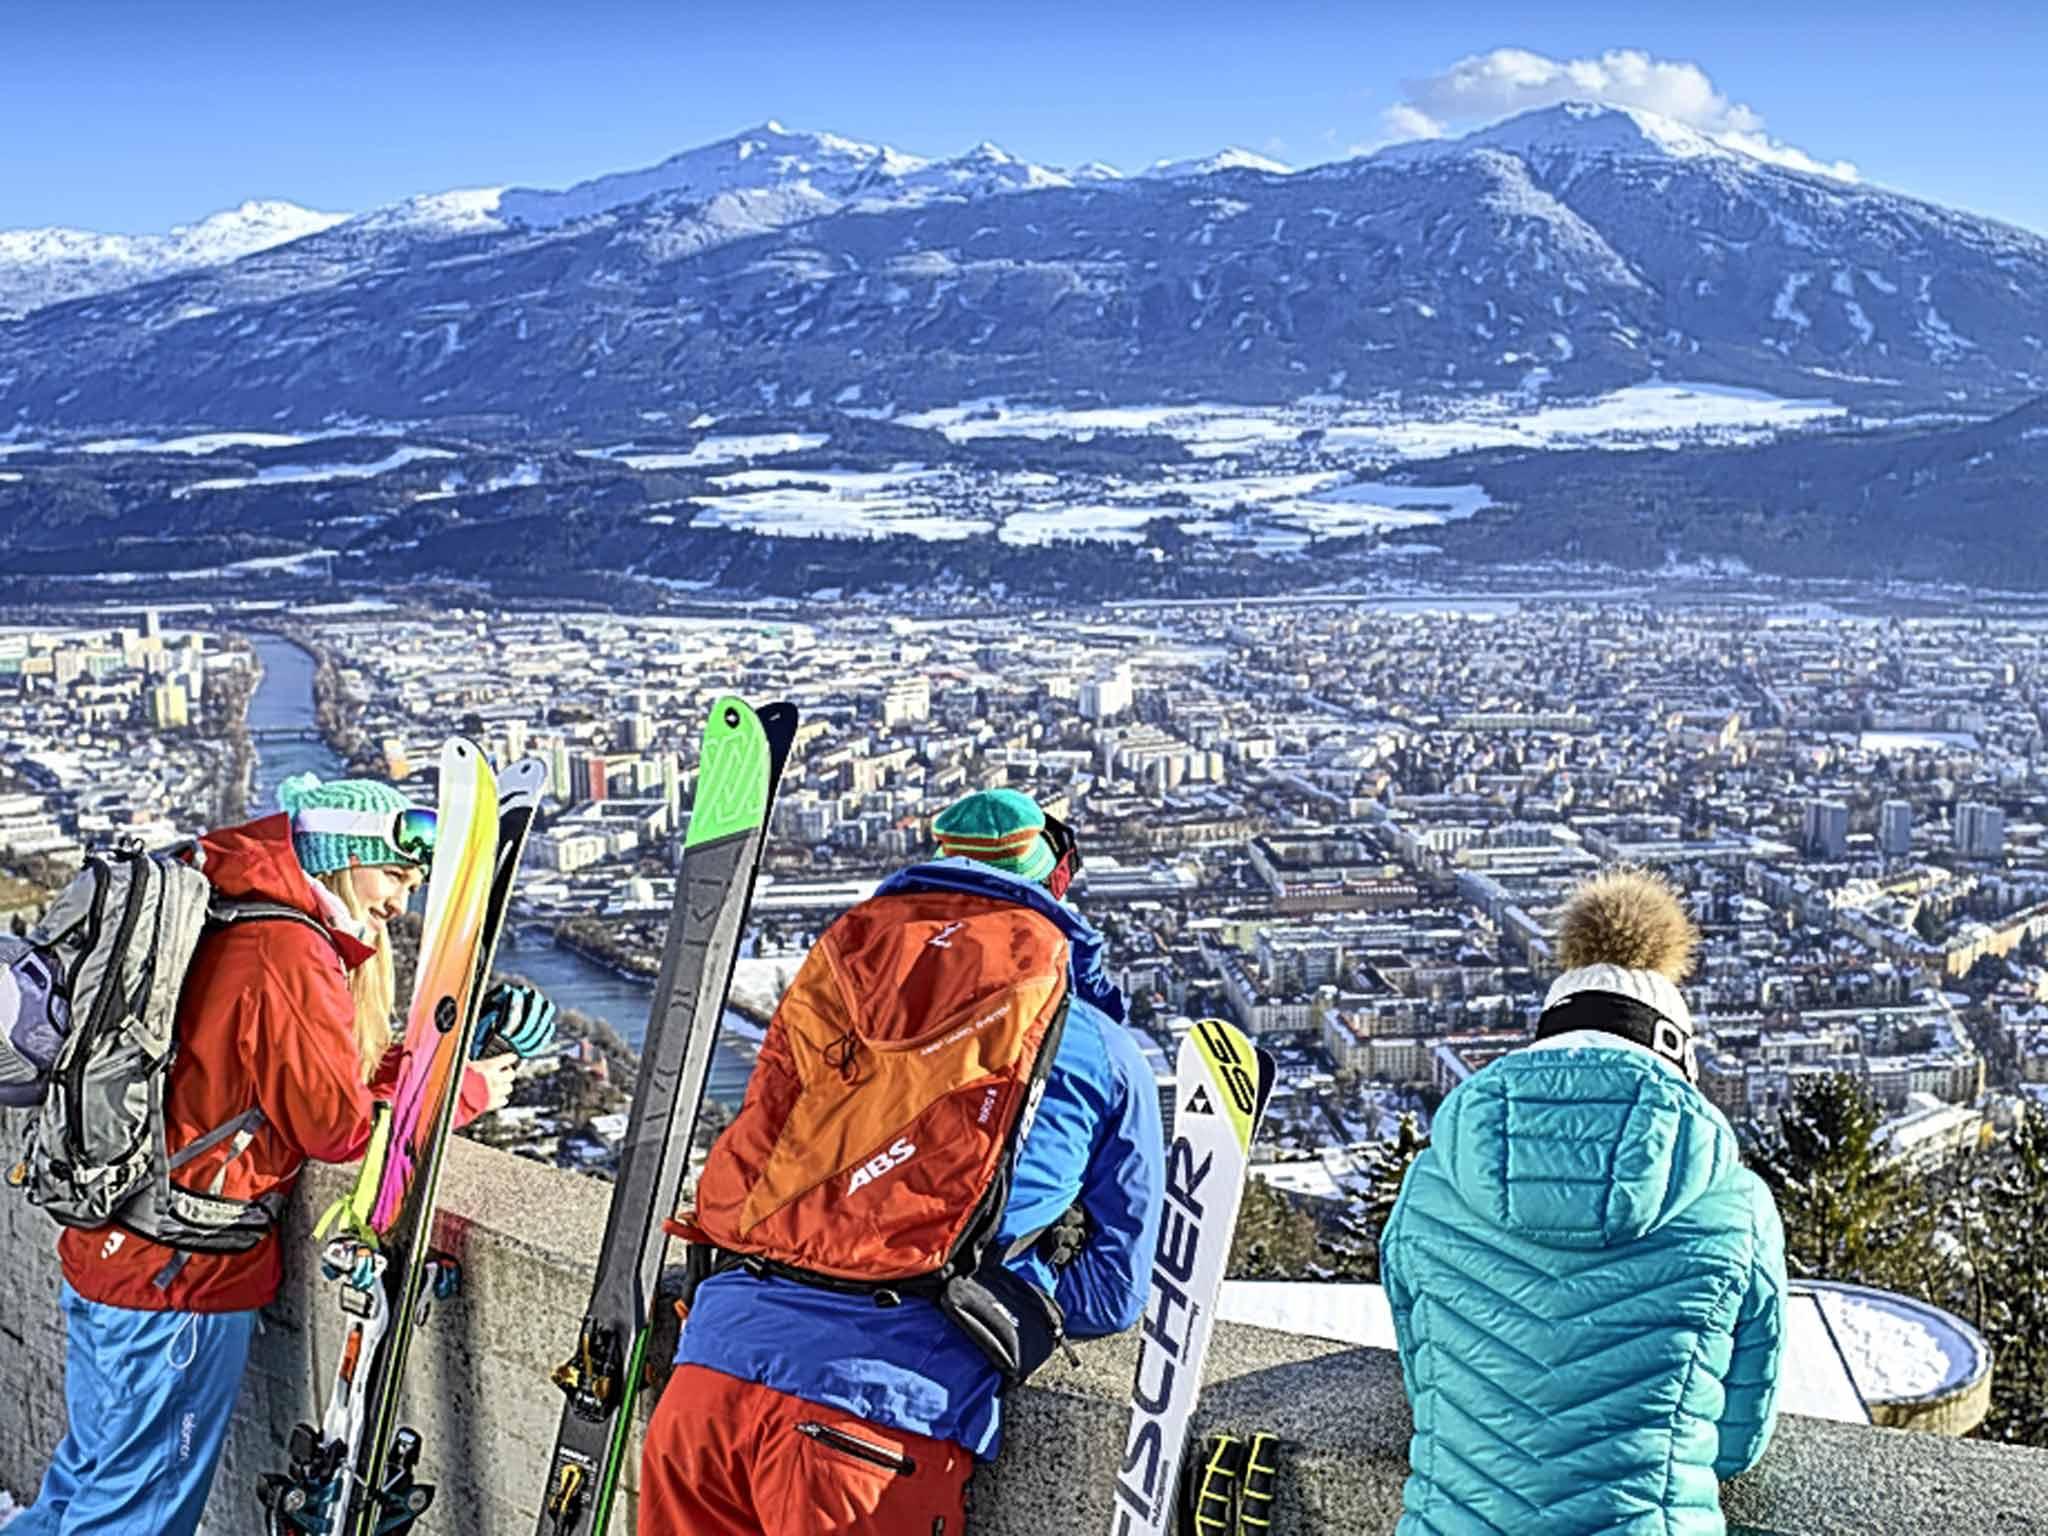 Innsbruck-Widescreen